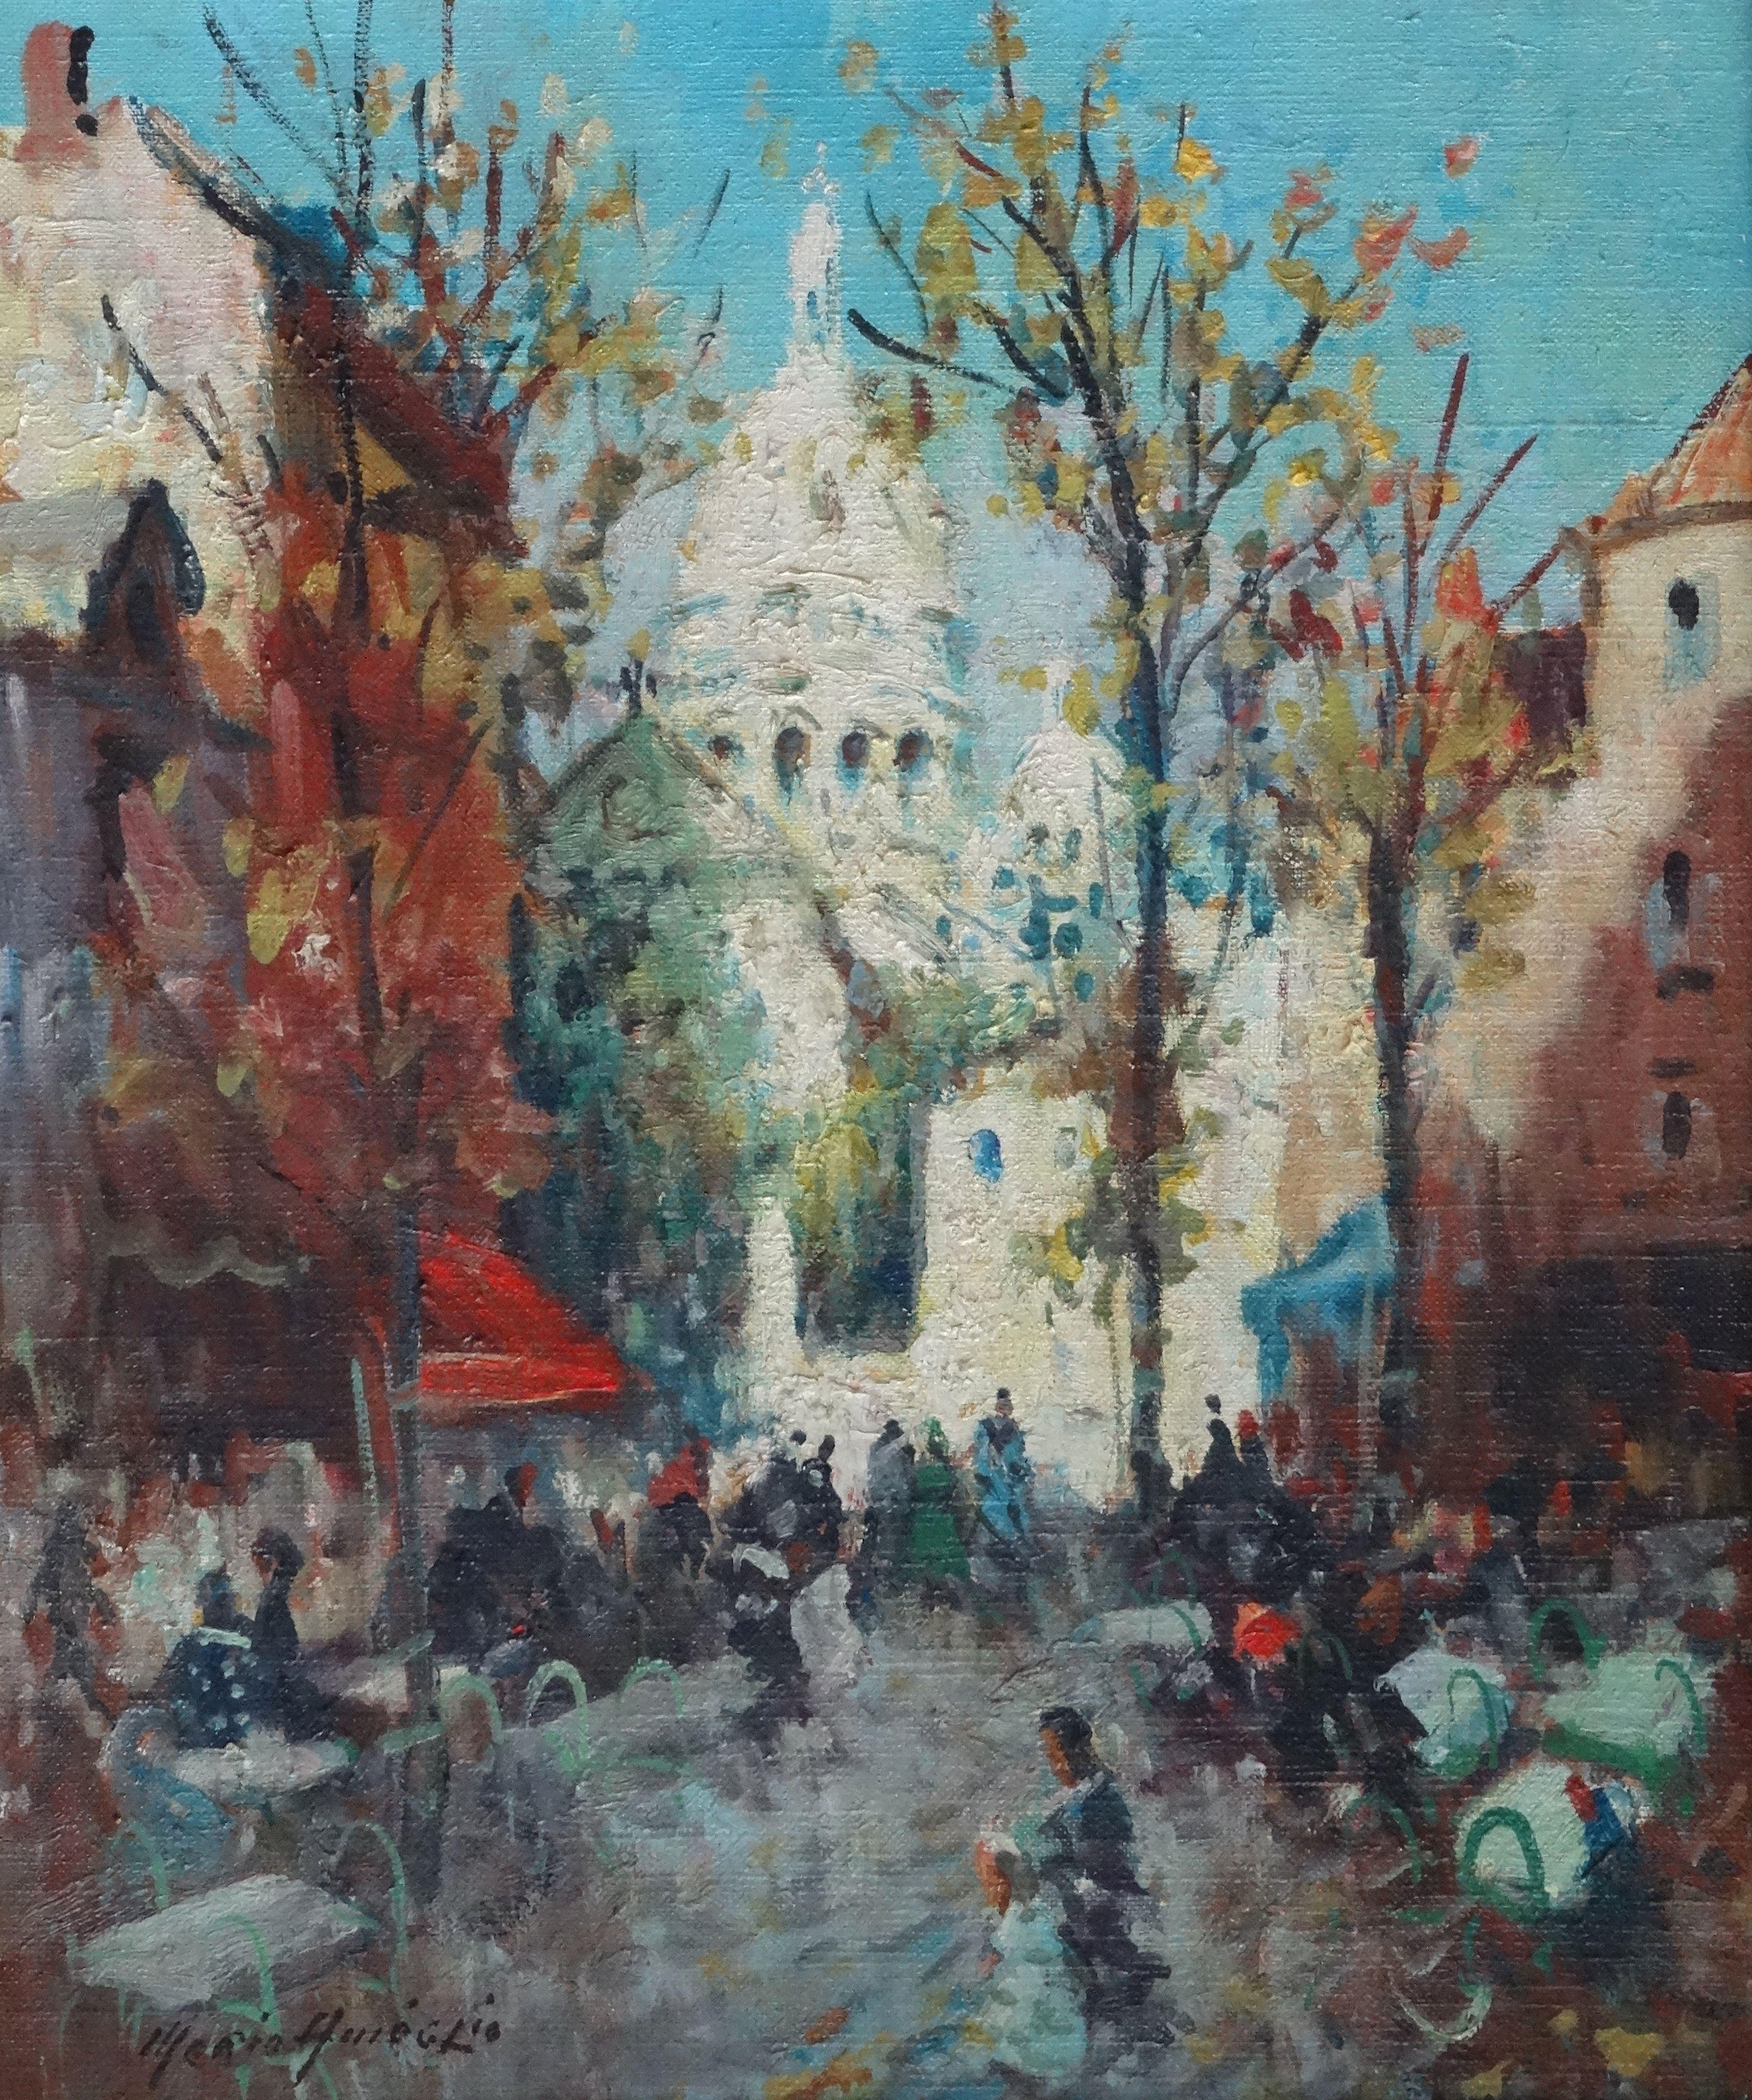 Montmartre. Oil on canvas, 55x46 cm